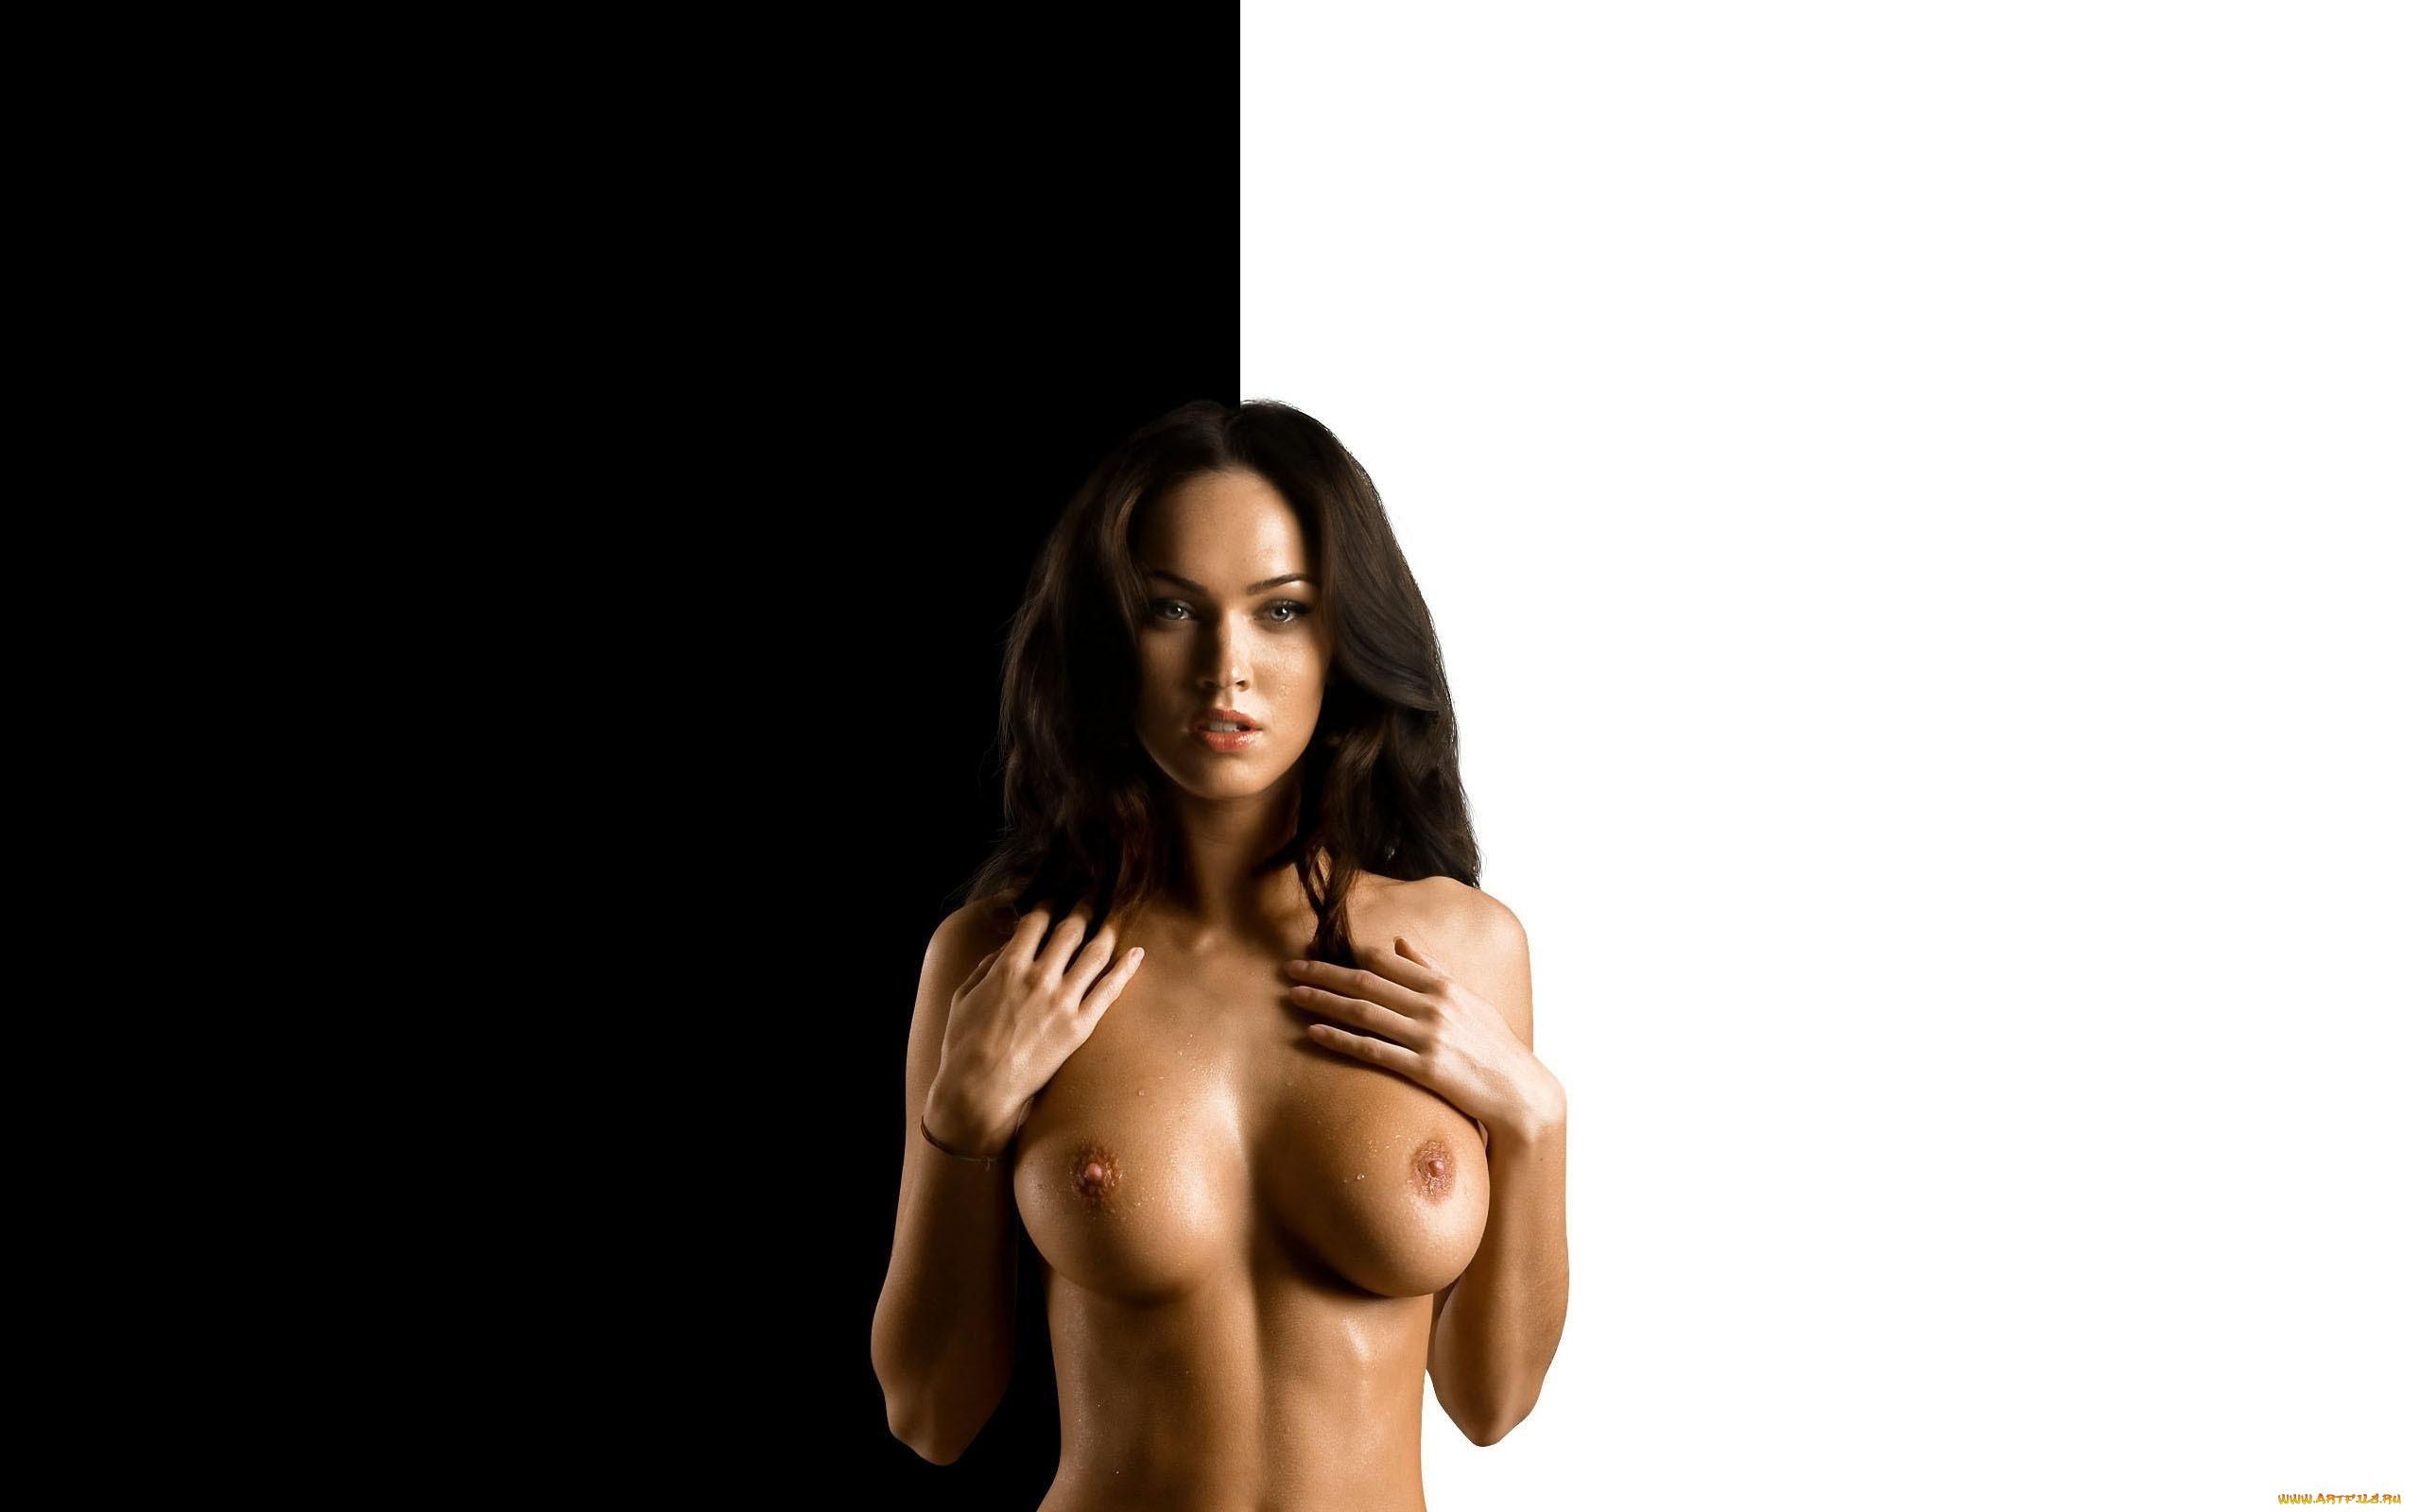 Сексуальные красивые слова о девушке 26 фотография